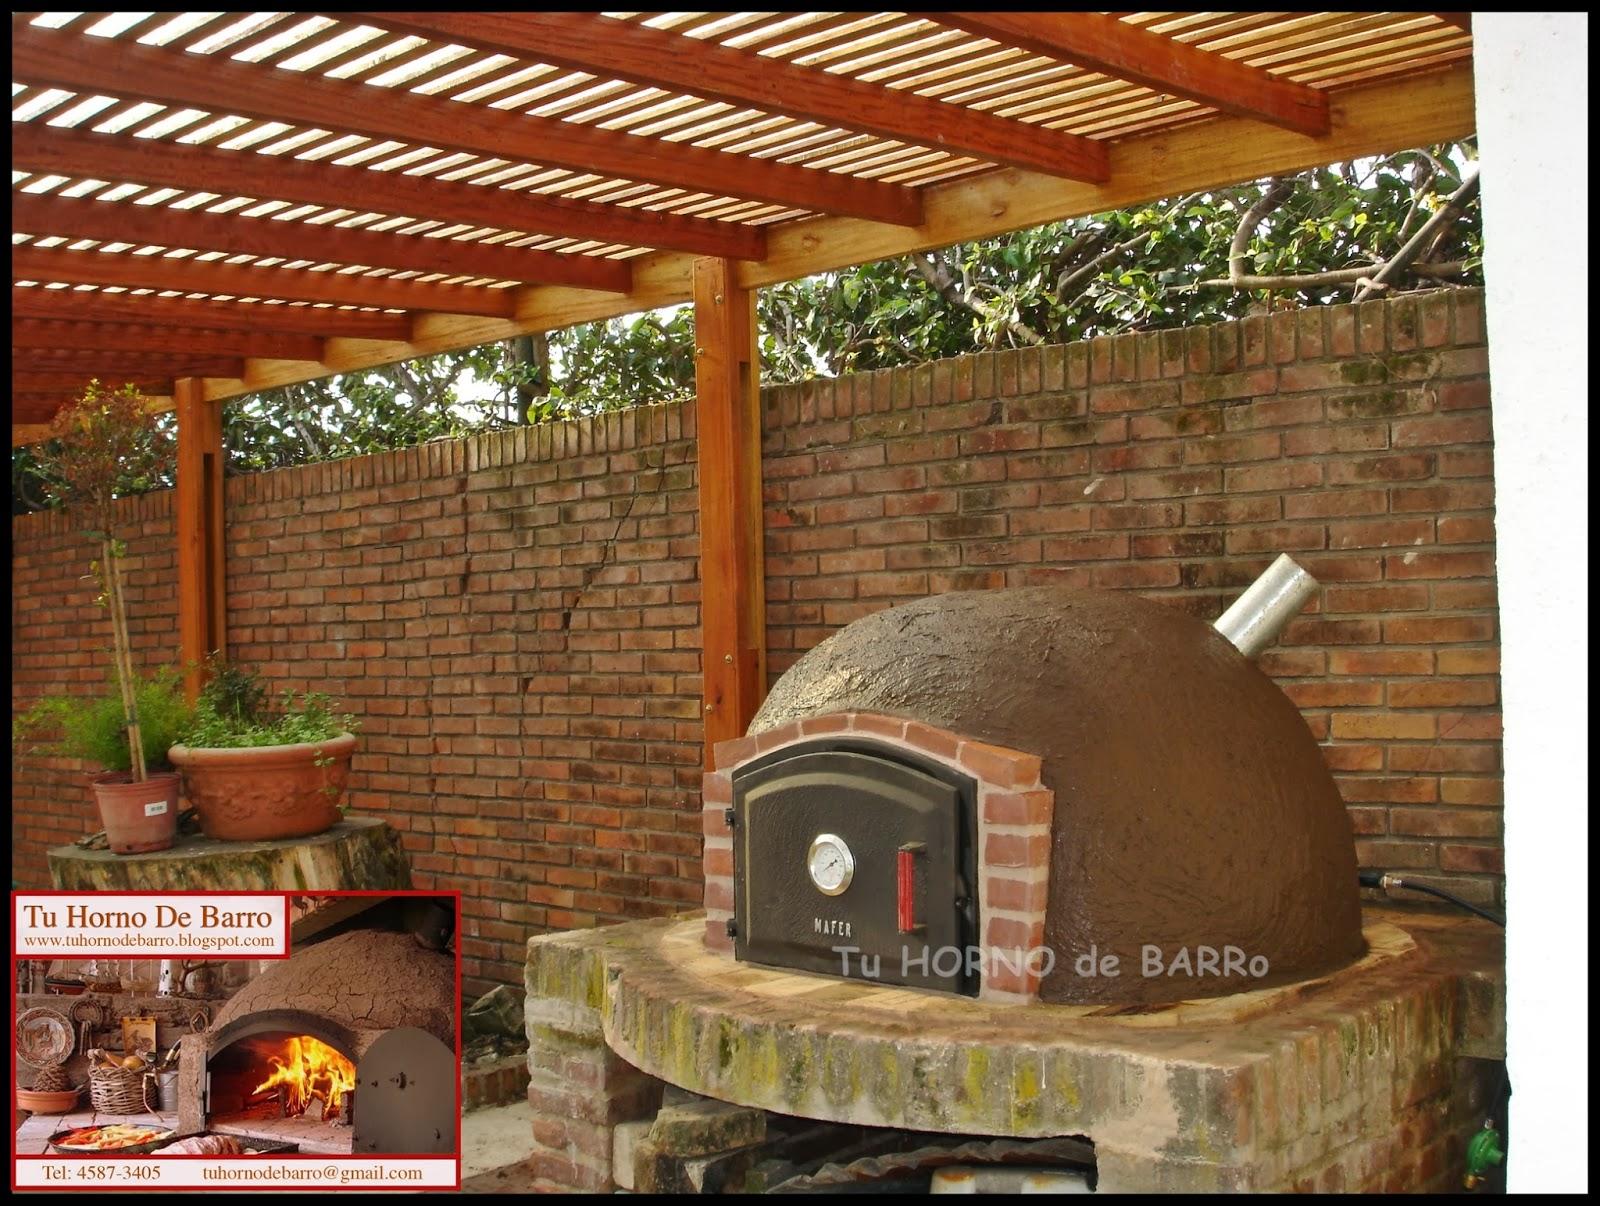 Tu horno de barro hornos de barro argentina buenos - Hornos de barro ...